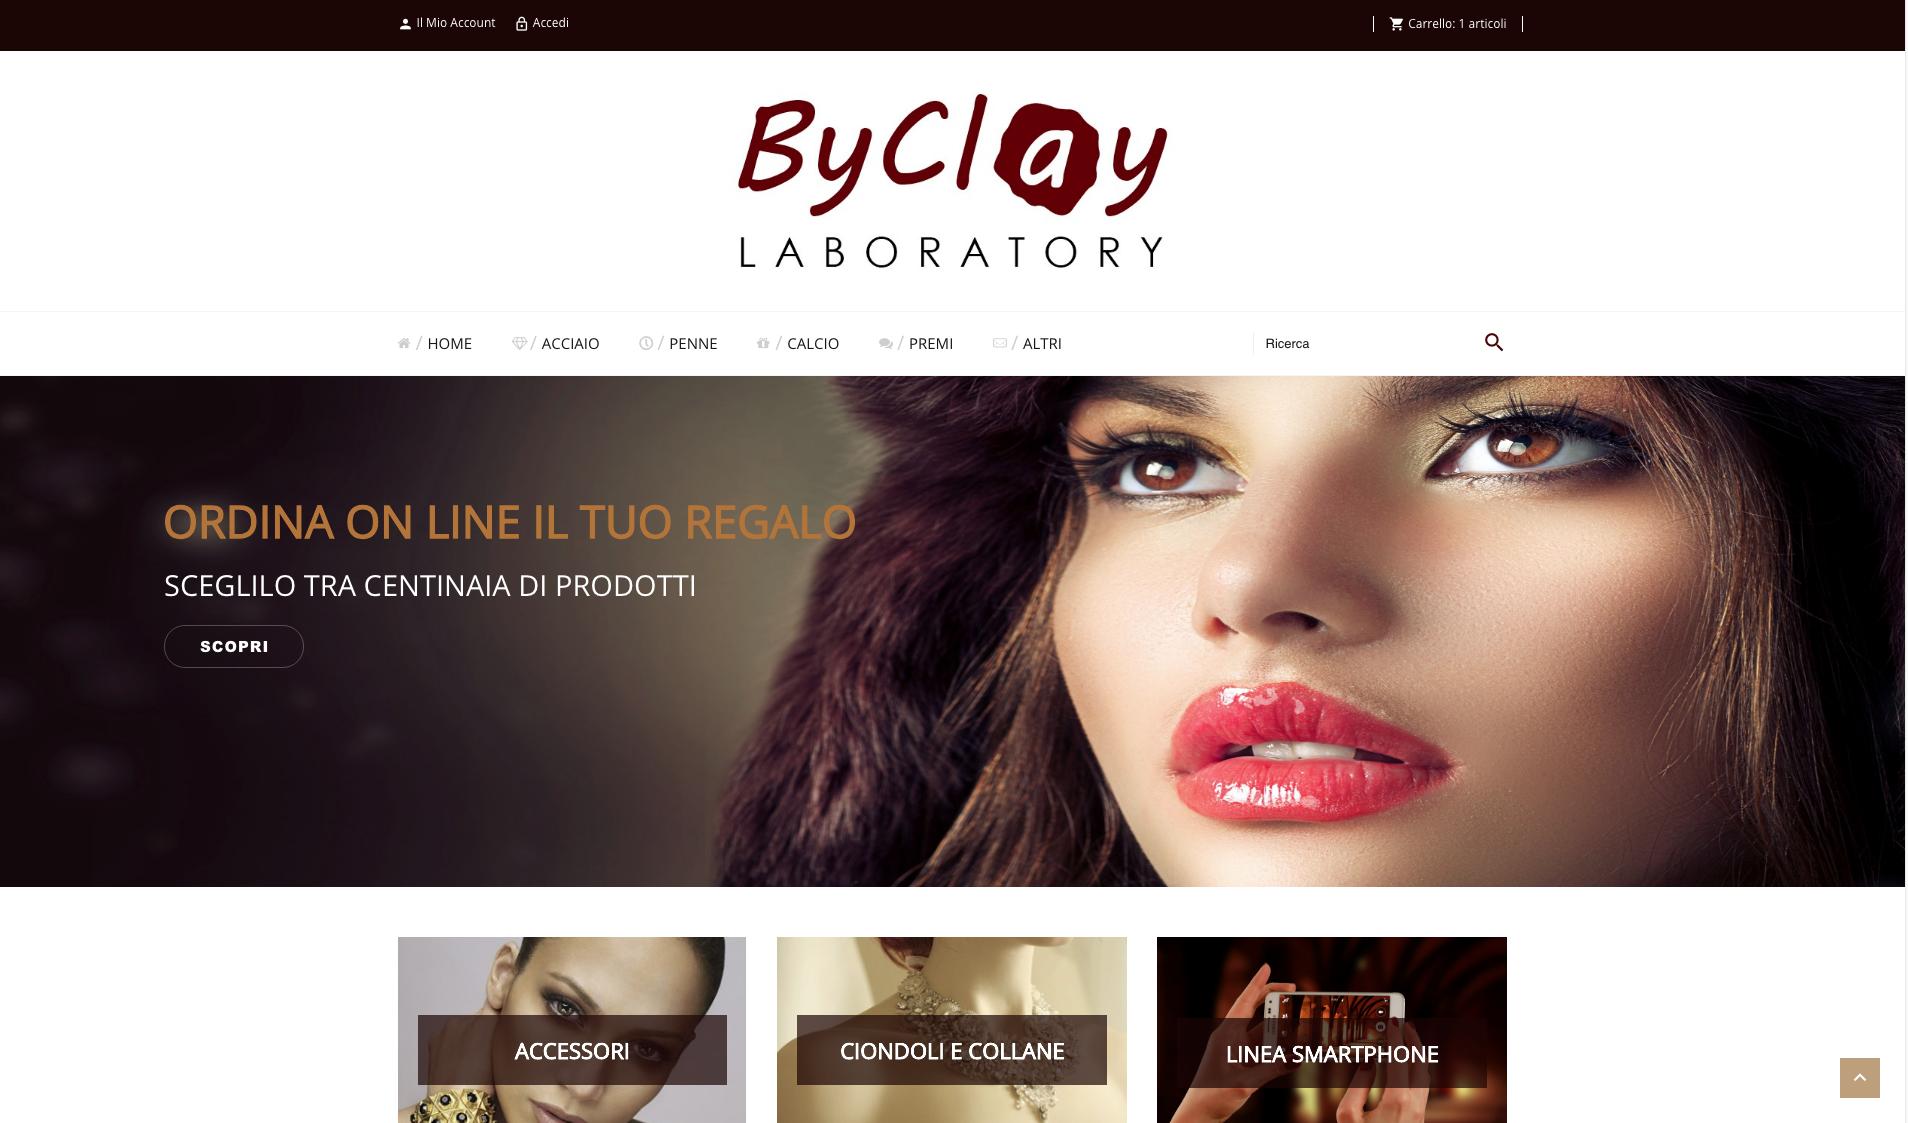 Byclay Laboratory